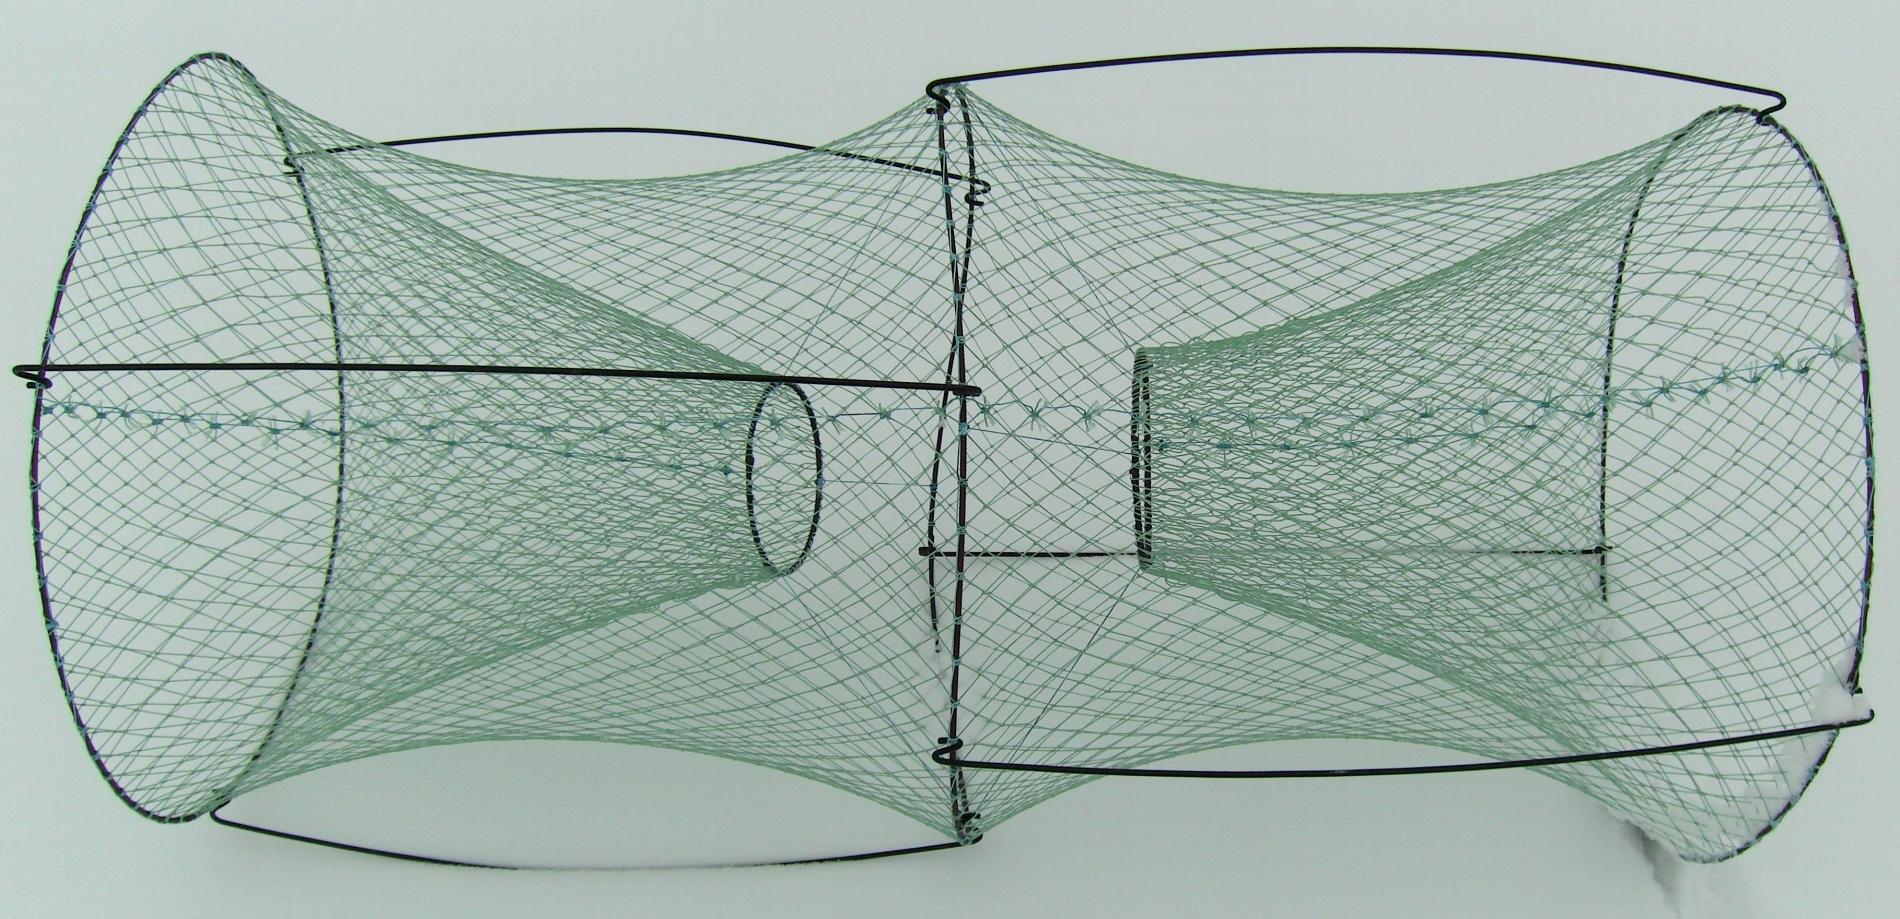 Верша универсальная d=53, L=110, два входа, яч. Подъемники<br>Верша универсальная. Применяется для ловли <br>рыбы в заросших водоемах, где невозможна <br>ловля удочкой.<br>